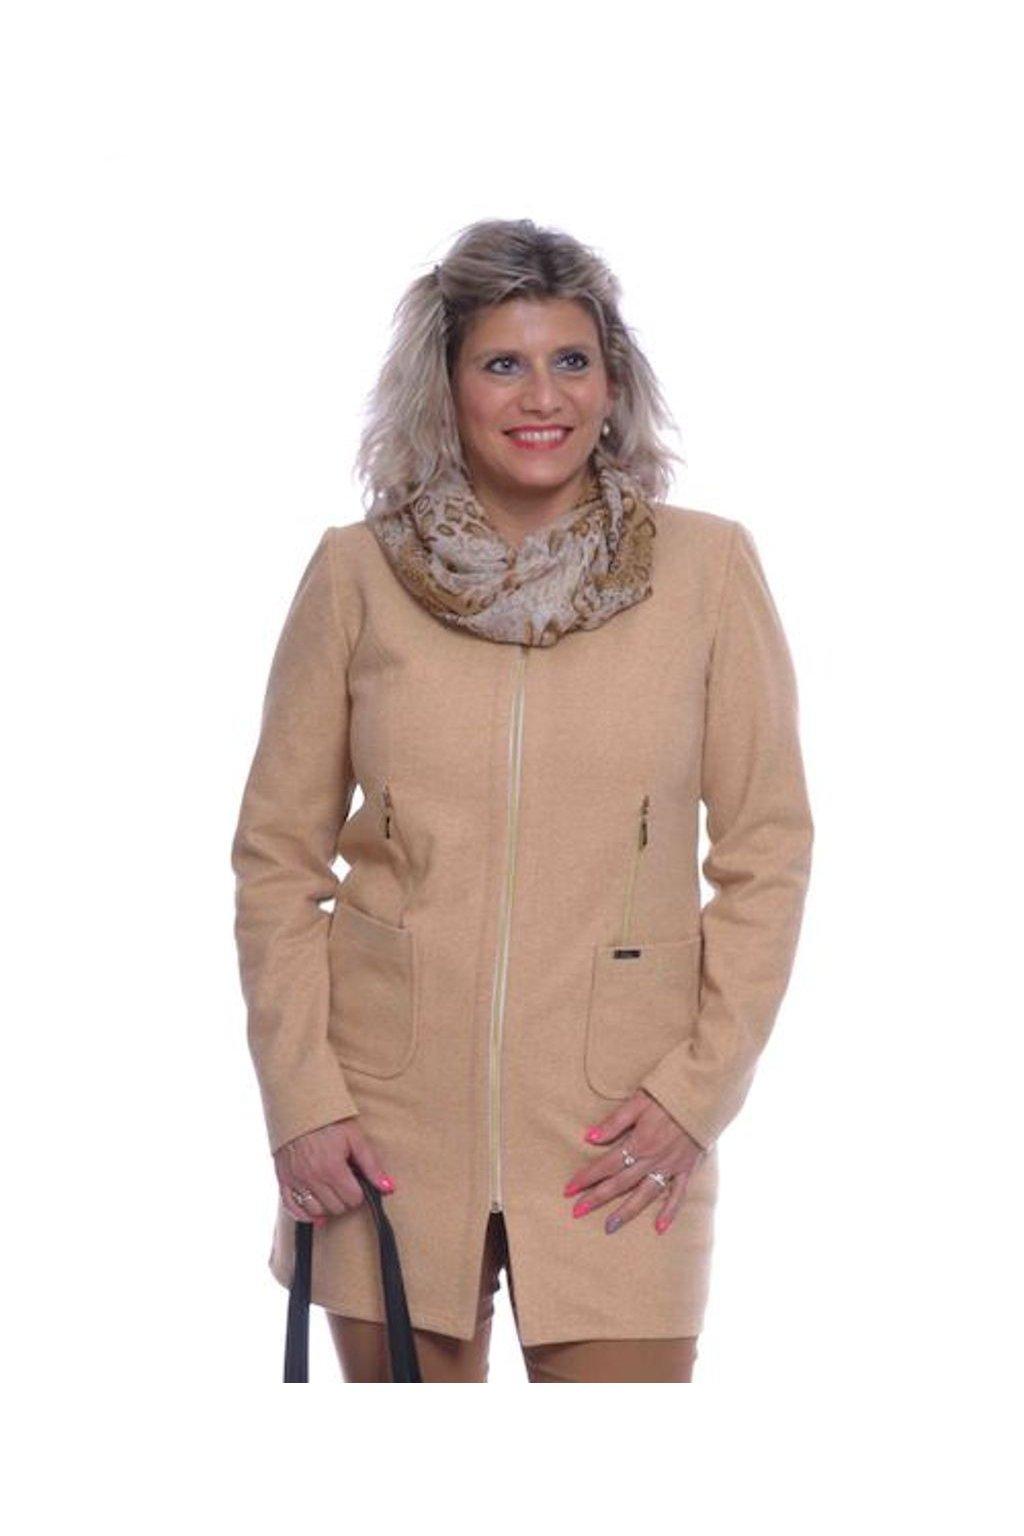 0120 Kabátek zipy (Velikost 36, Barva Žlutá)